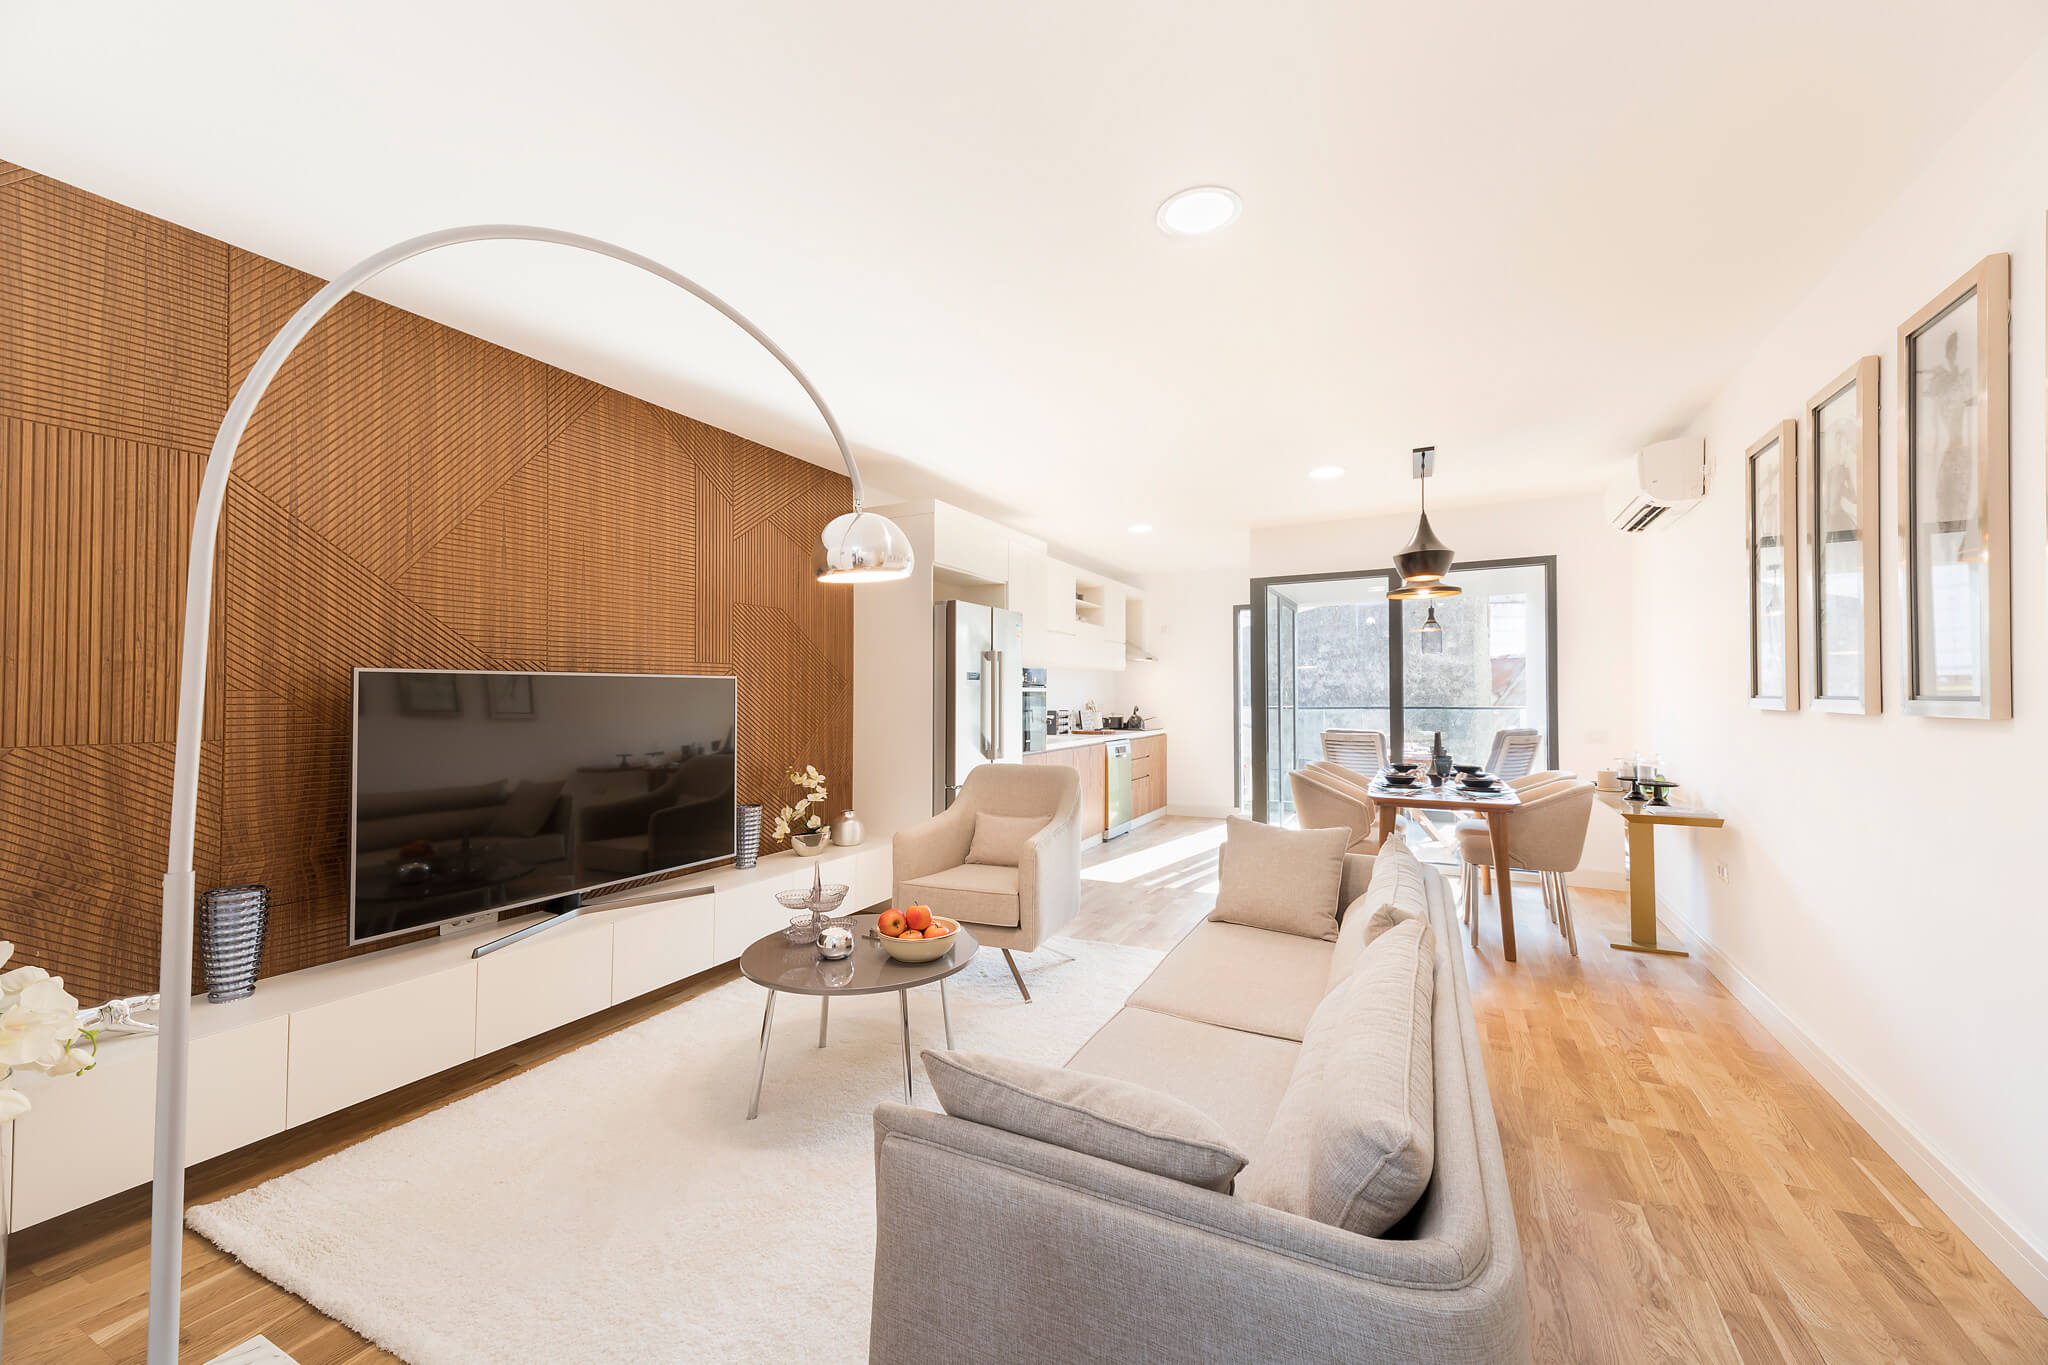 Apartament-showroom-(2)